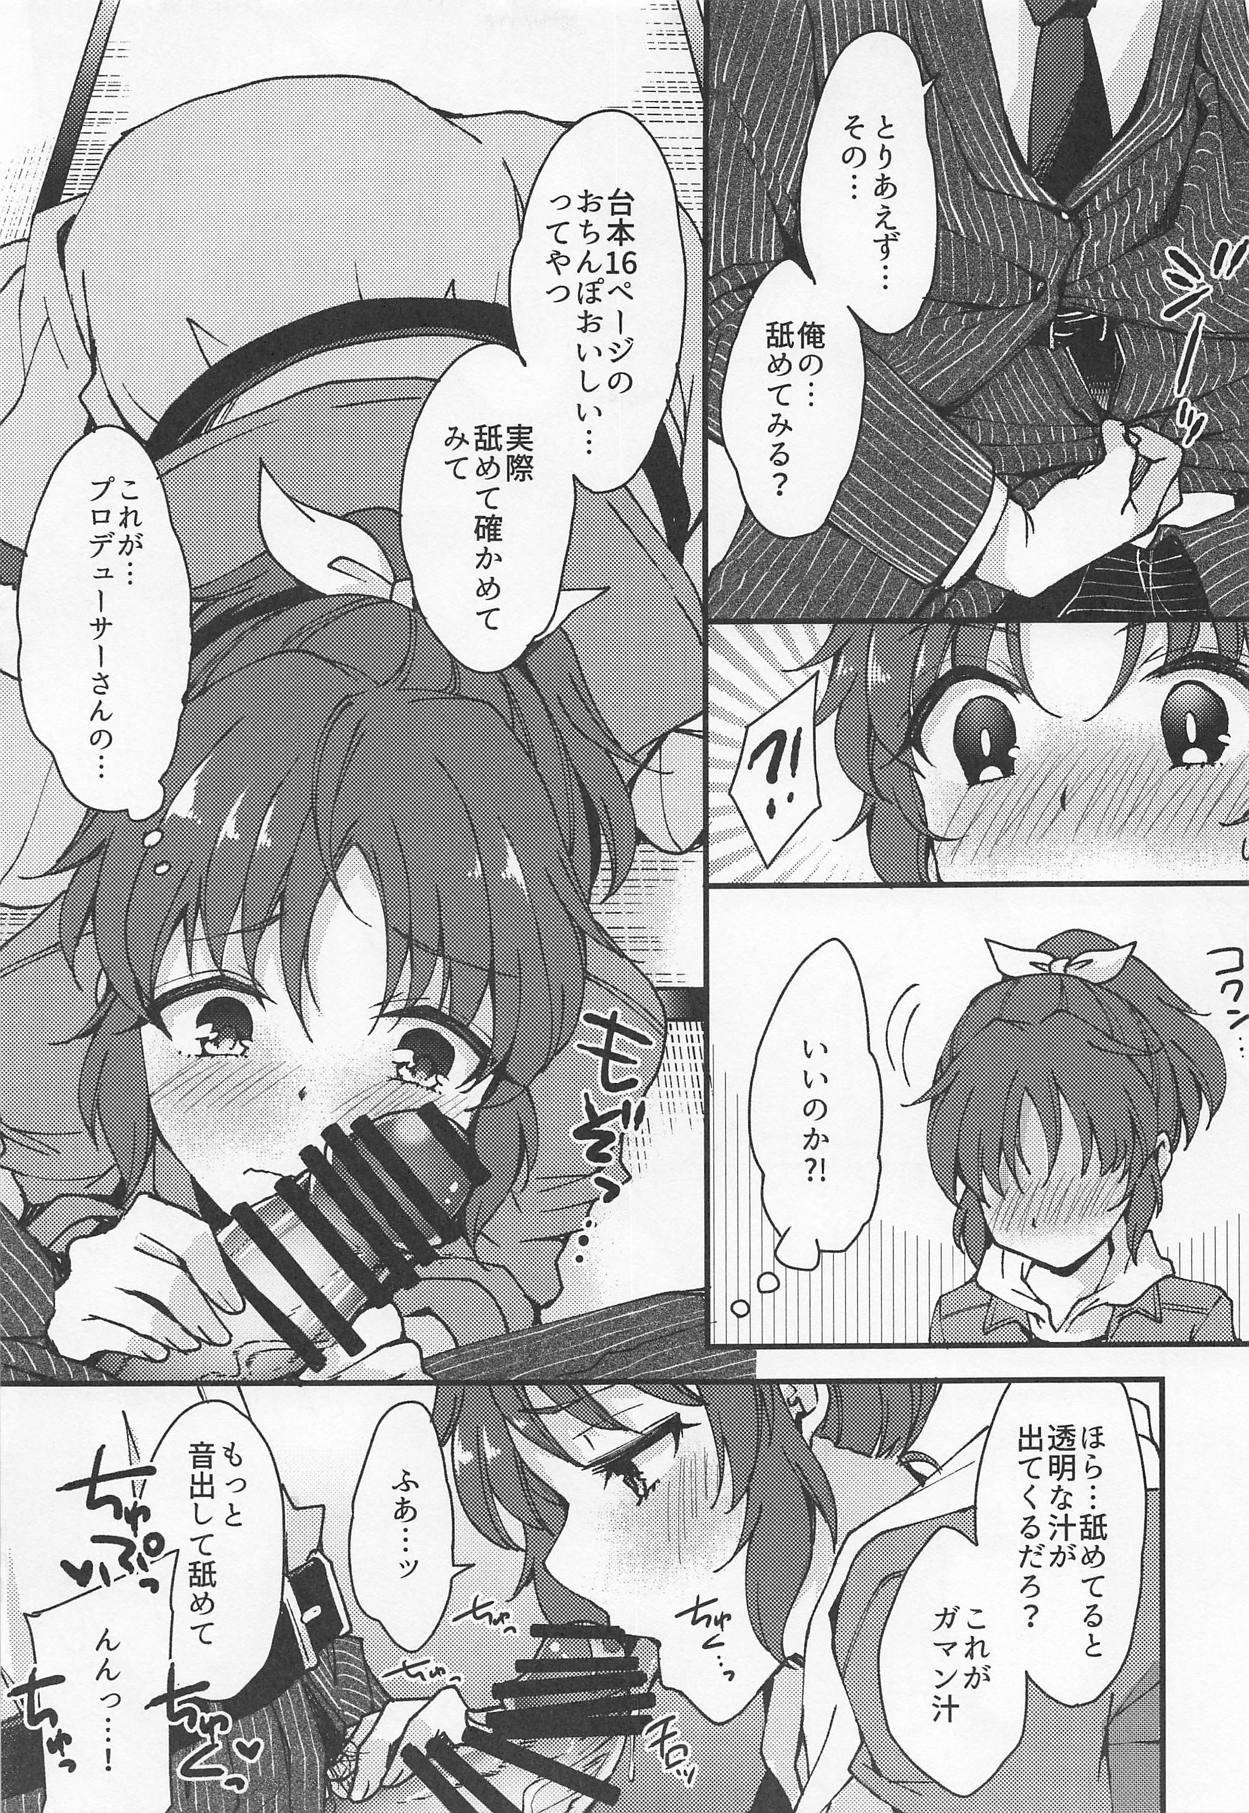 Nana, Ganbarimasu! - I will do my best! 7